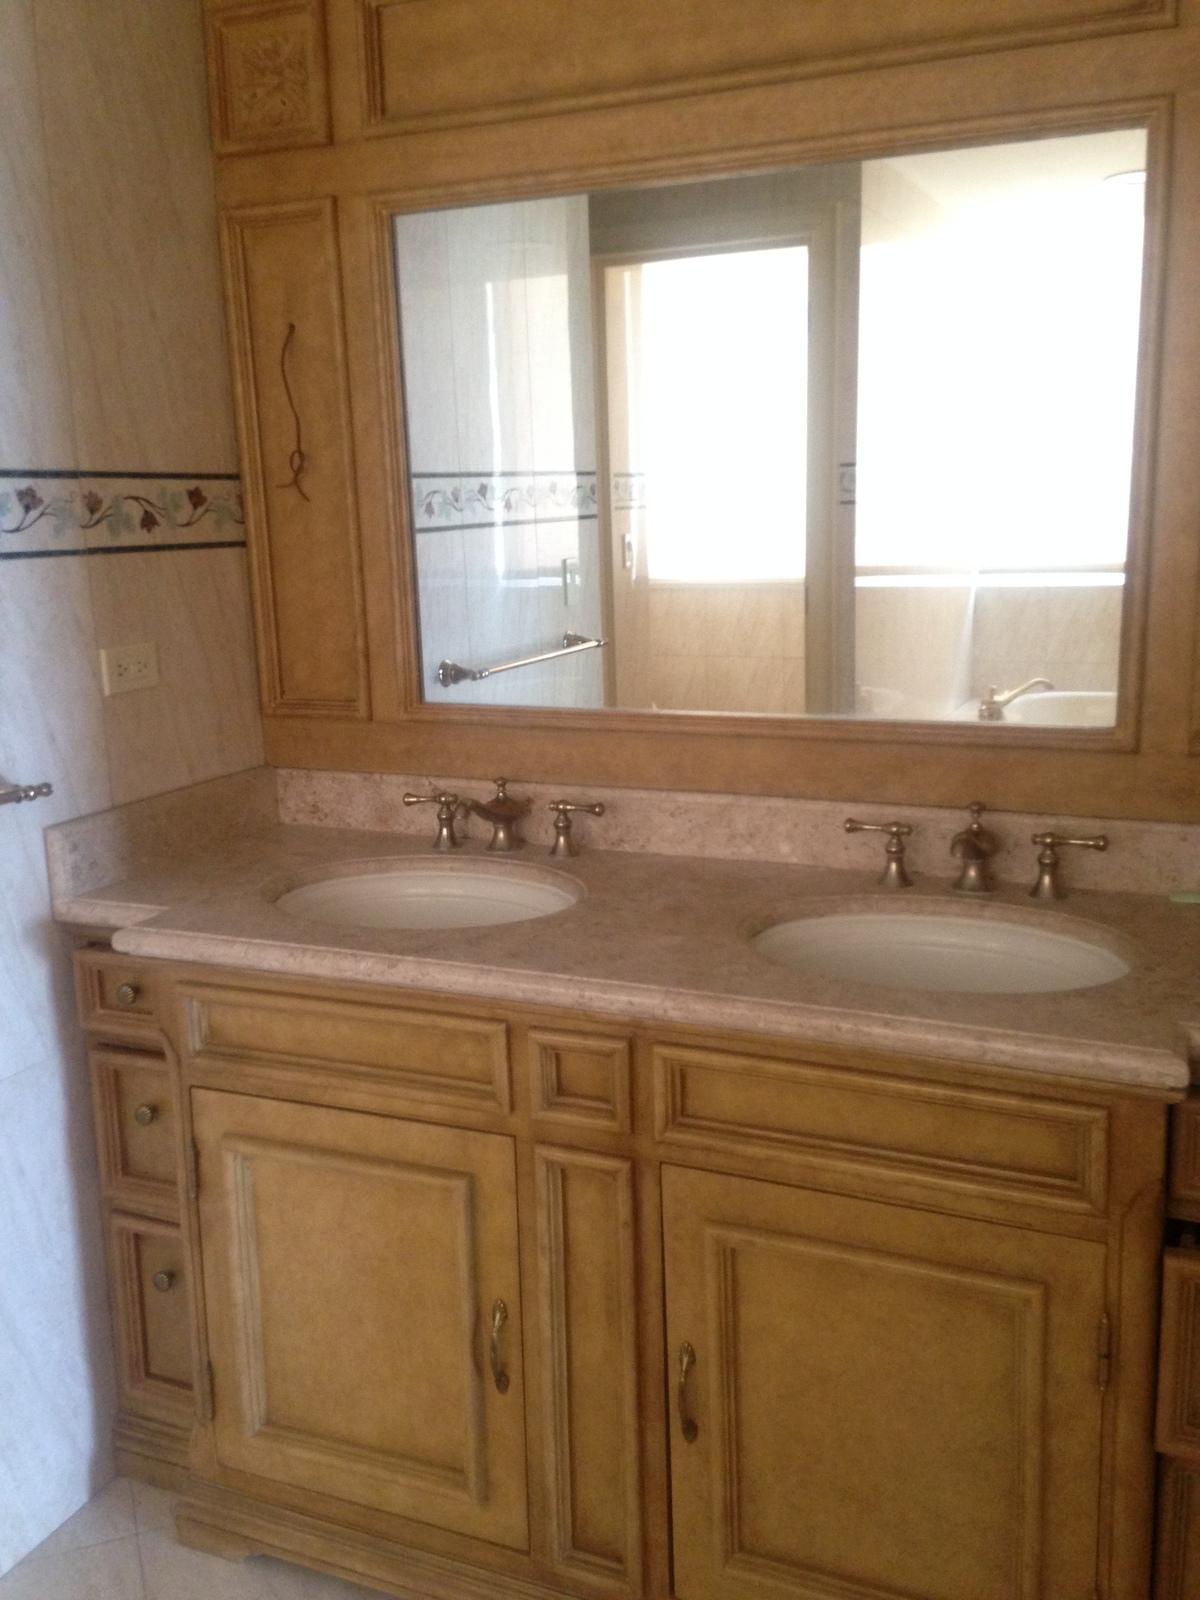 8 de 13: Doble lava manos con mesada en granito y griferia italiana